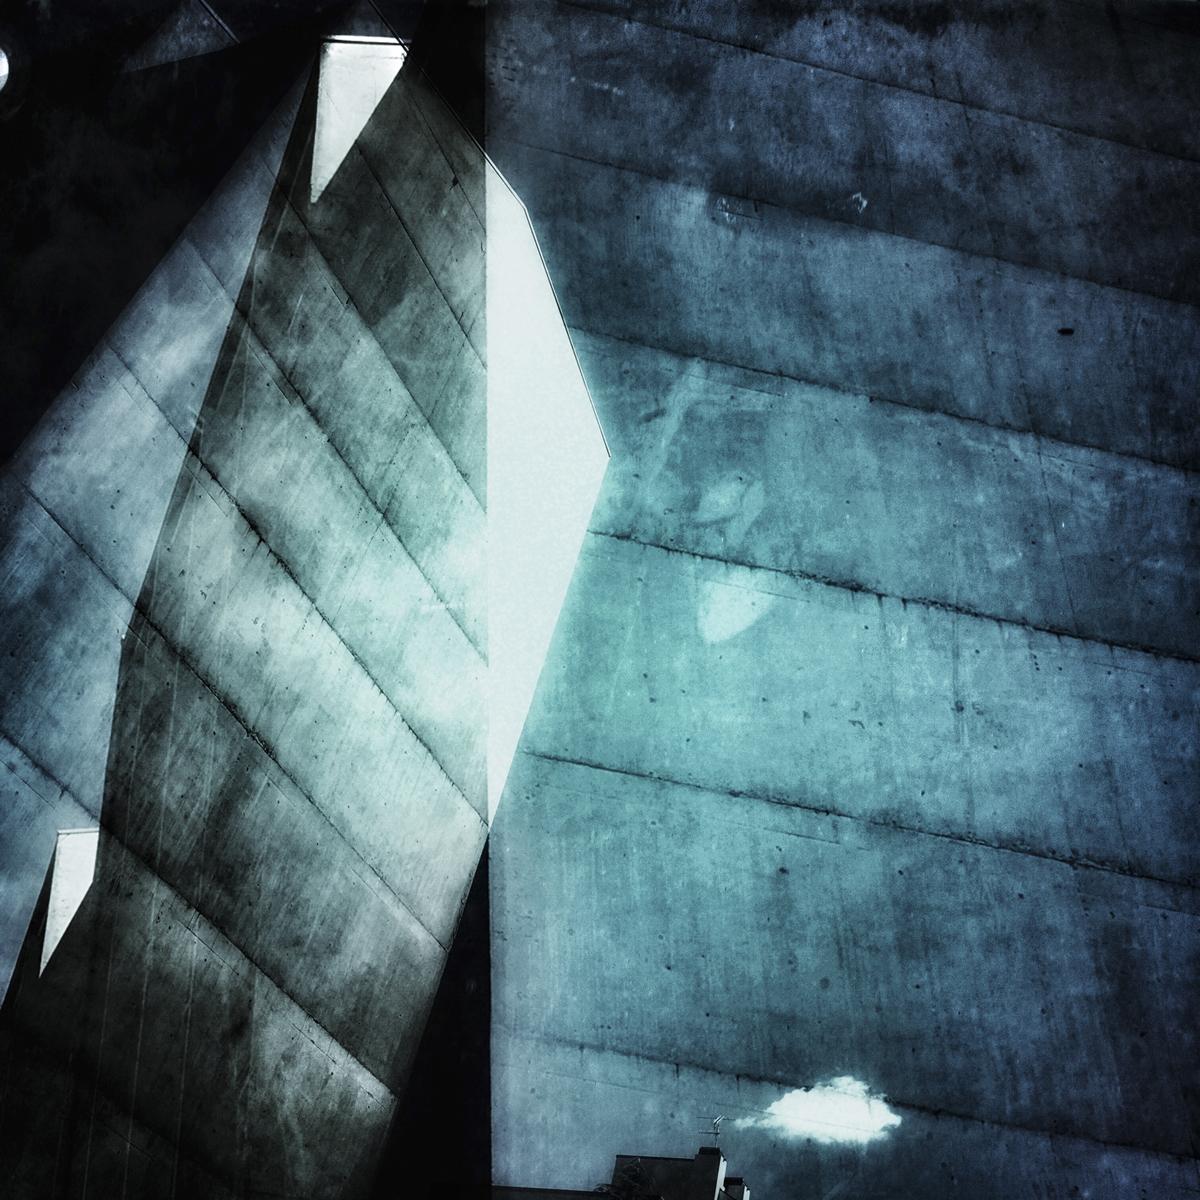 ©Anna Rosati,Cattedrali urbane, Pars Costruens